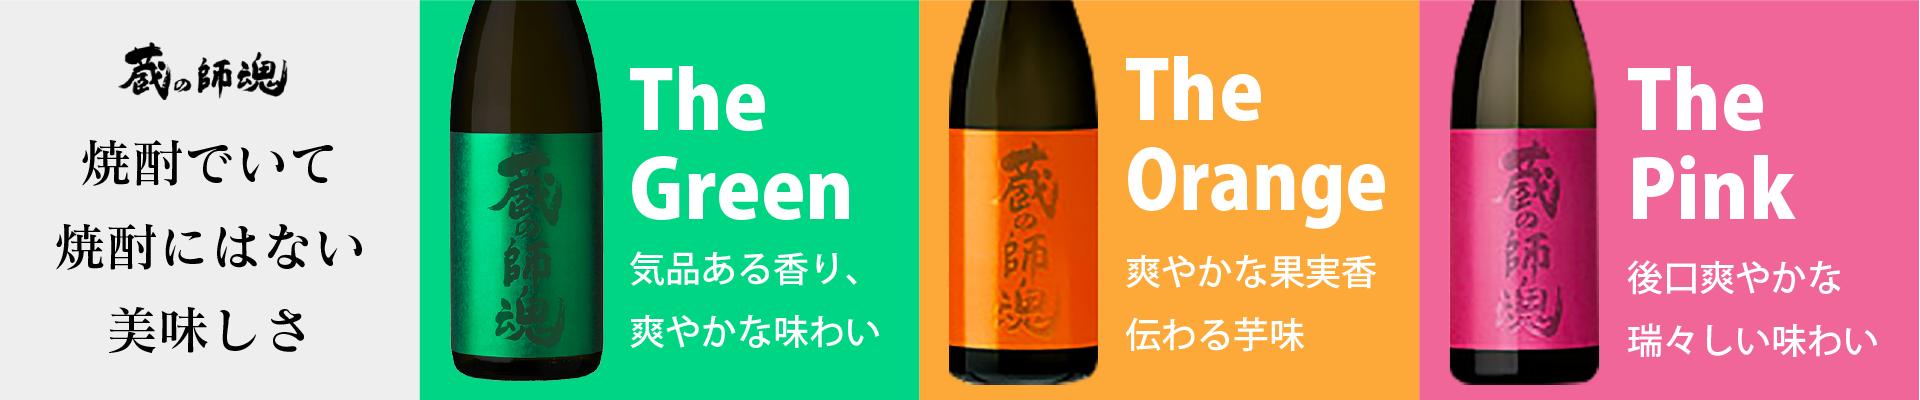 【本格焼酎】蔵の師魂 入荷のお知らせ